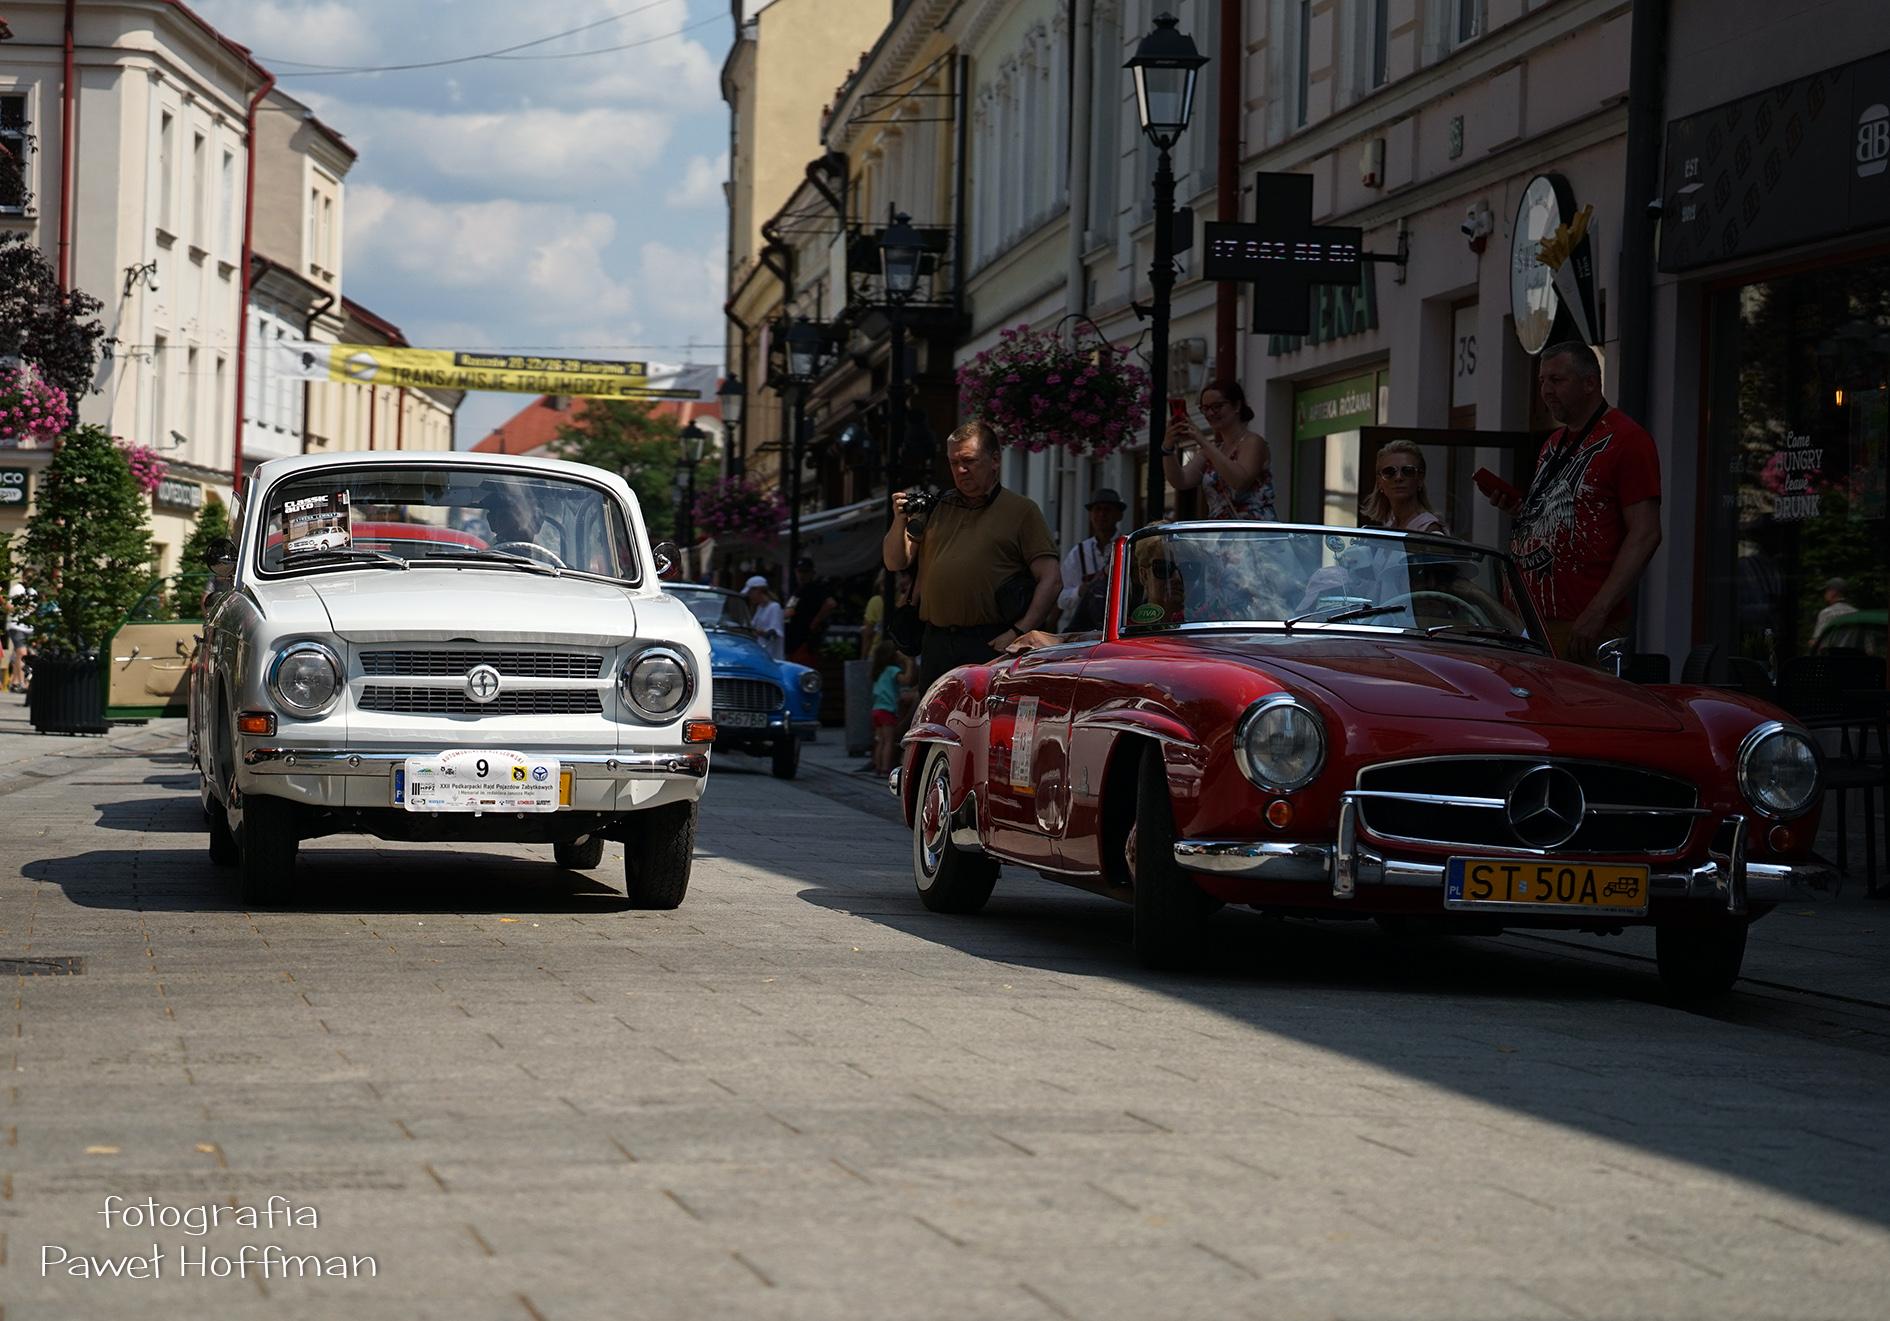 Rajd Pojazdów Syrena Laminat